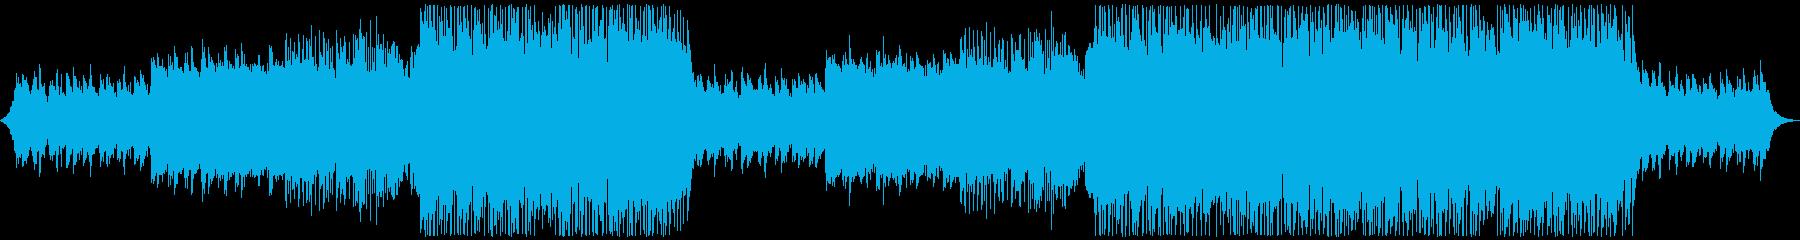 パワフルで迫力のある洋楽EDMの再生済みの波形